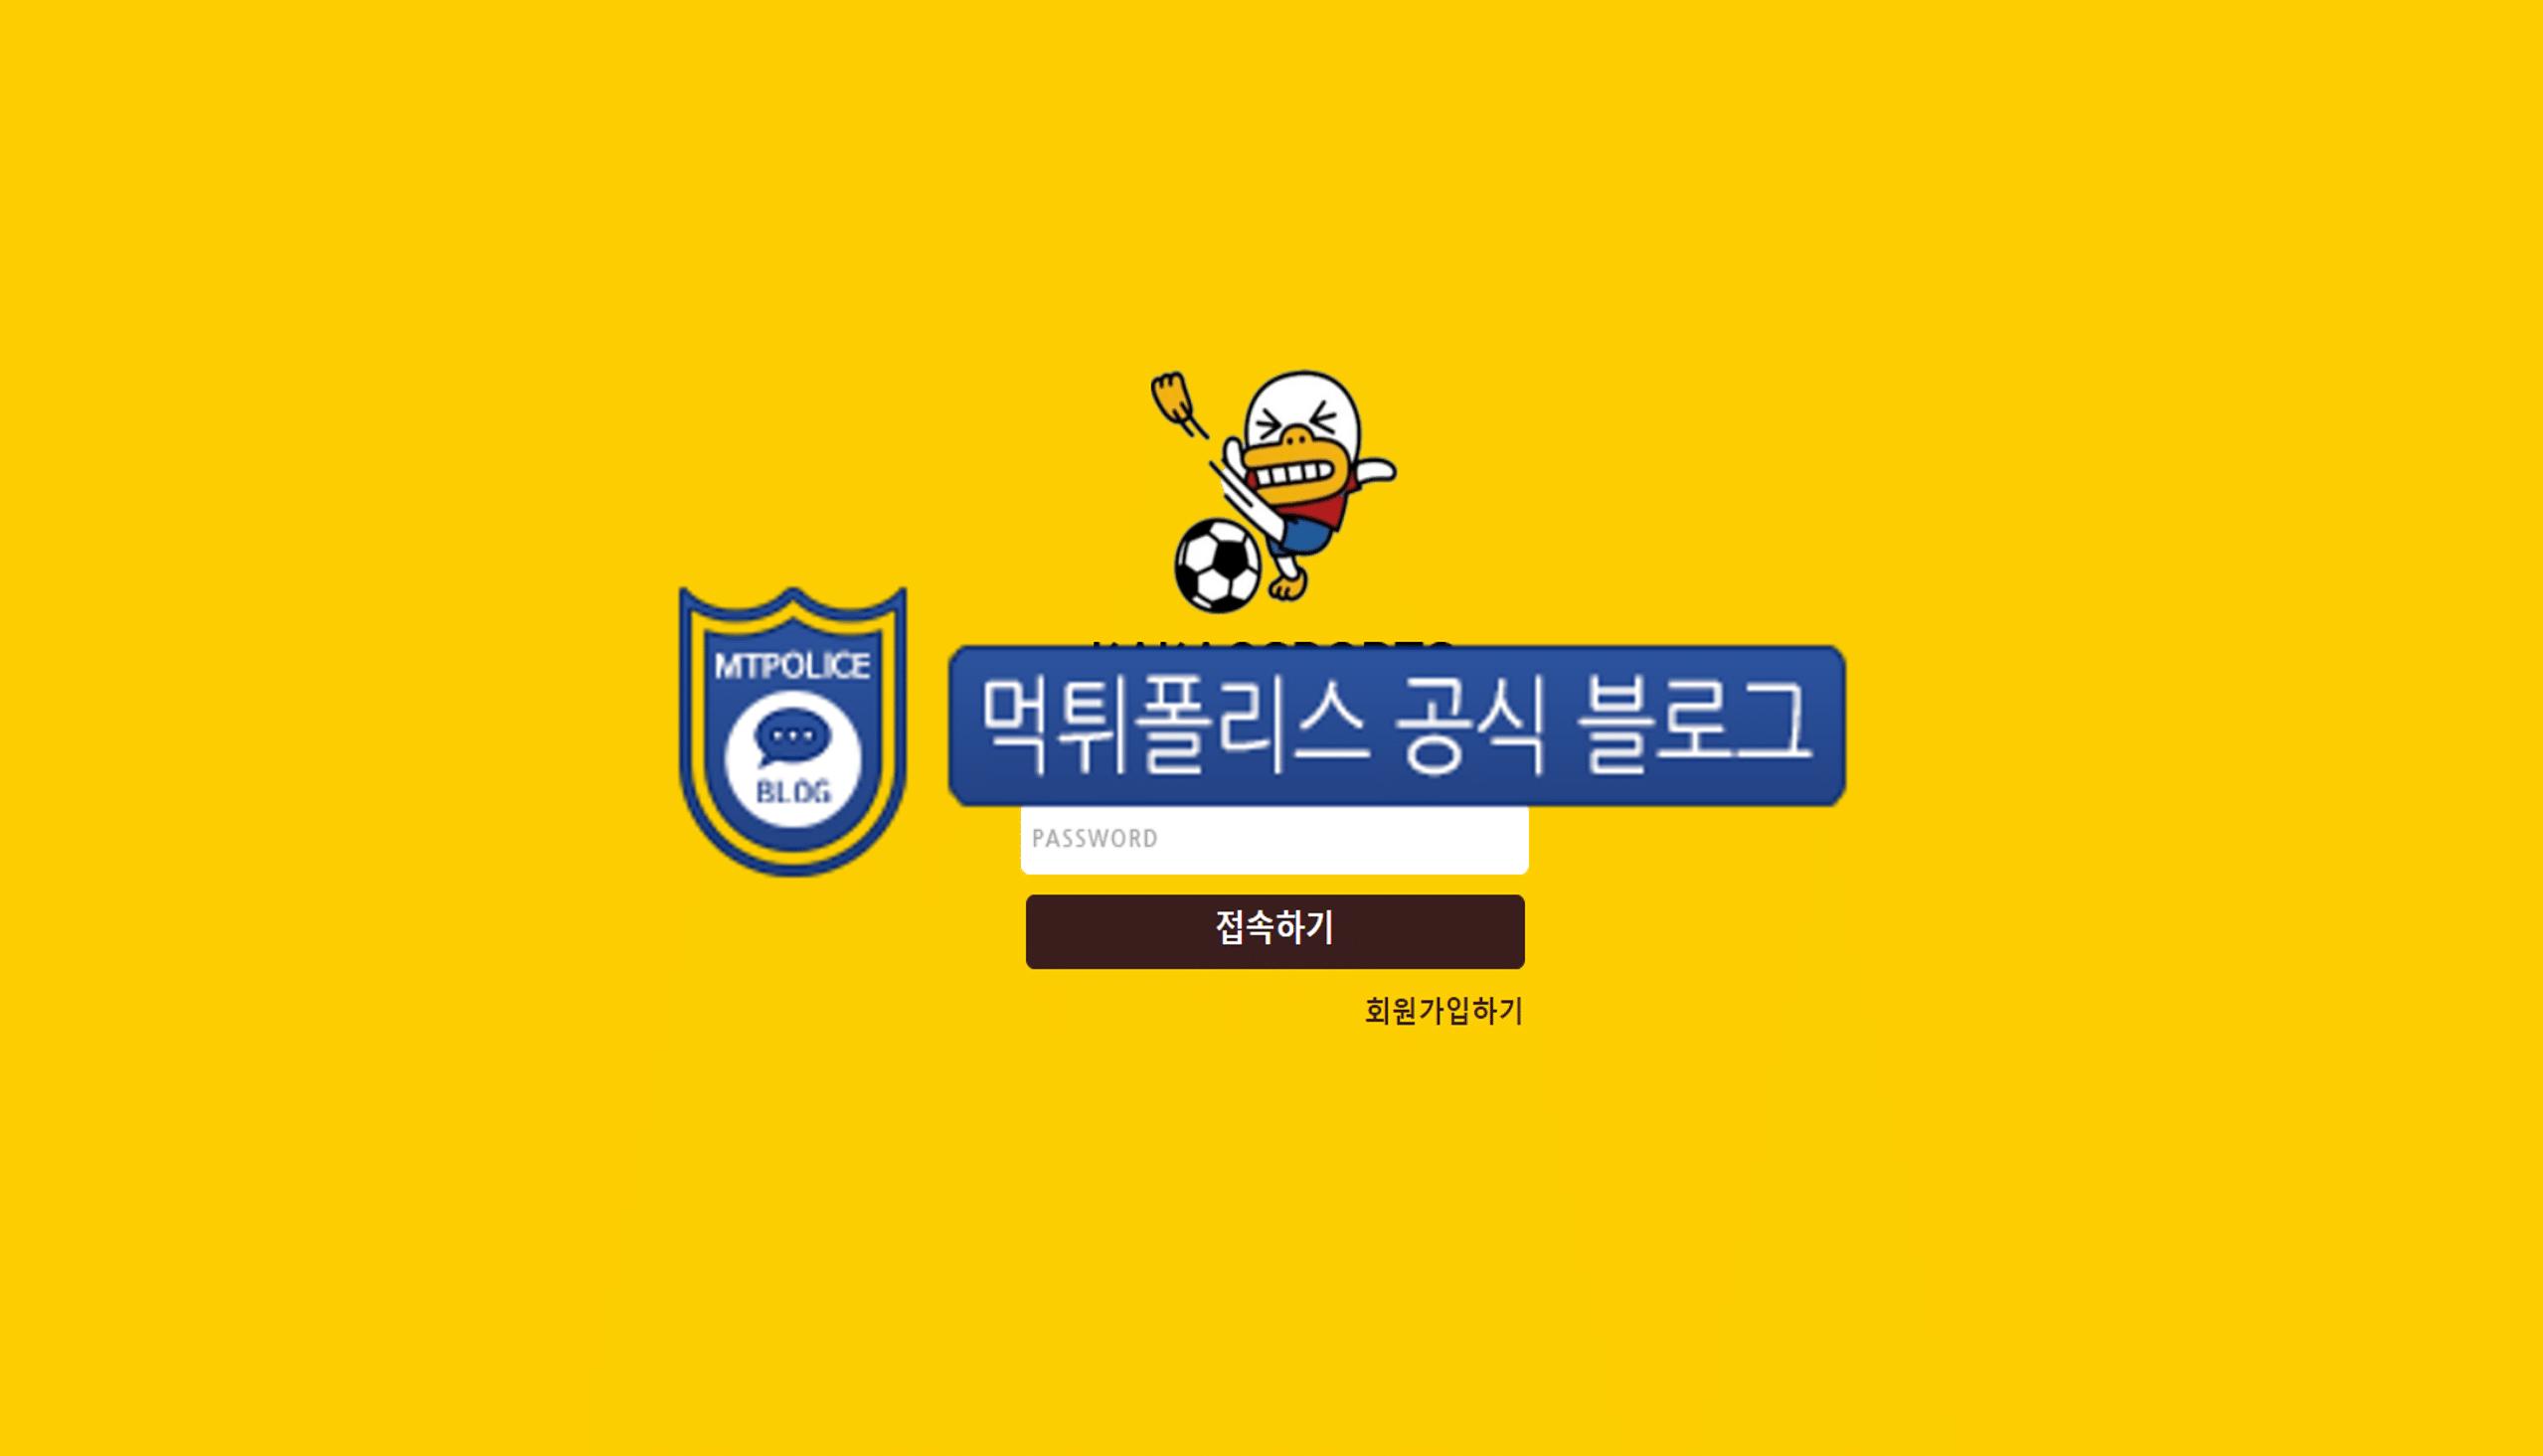 먹튀사이트 카카오스포츠 먹튀검증